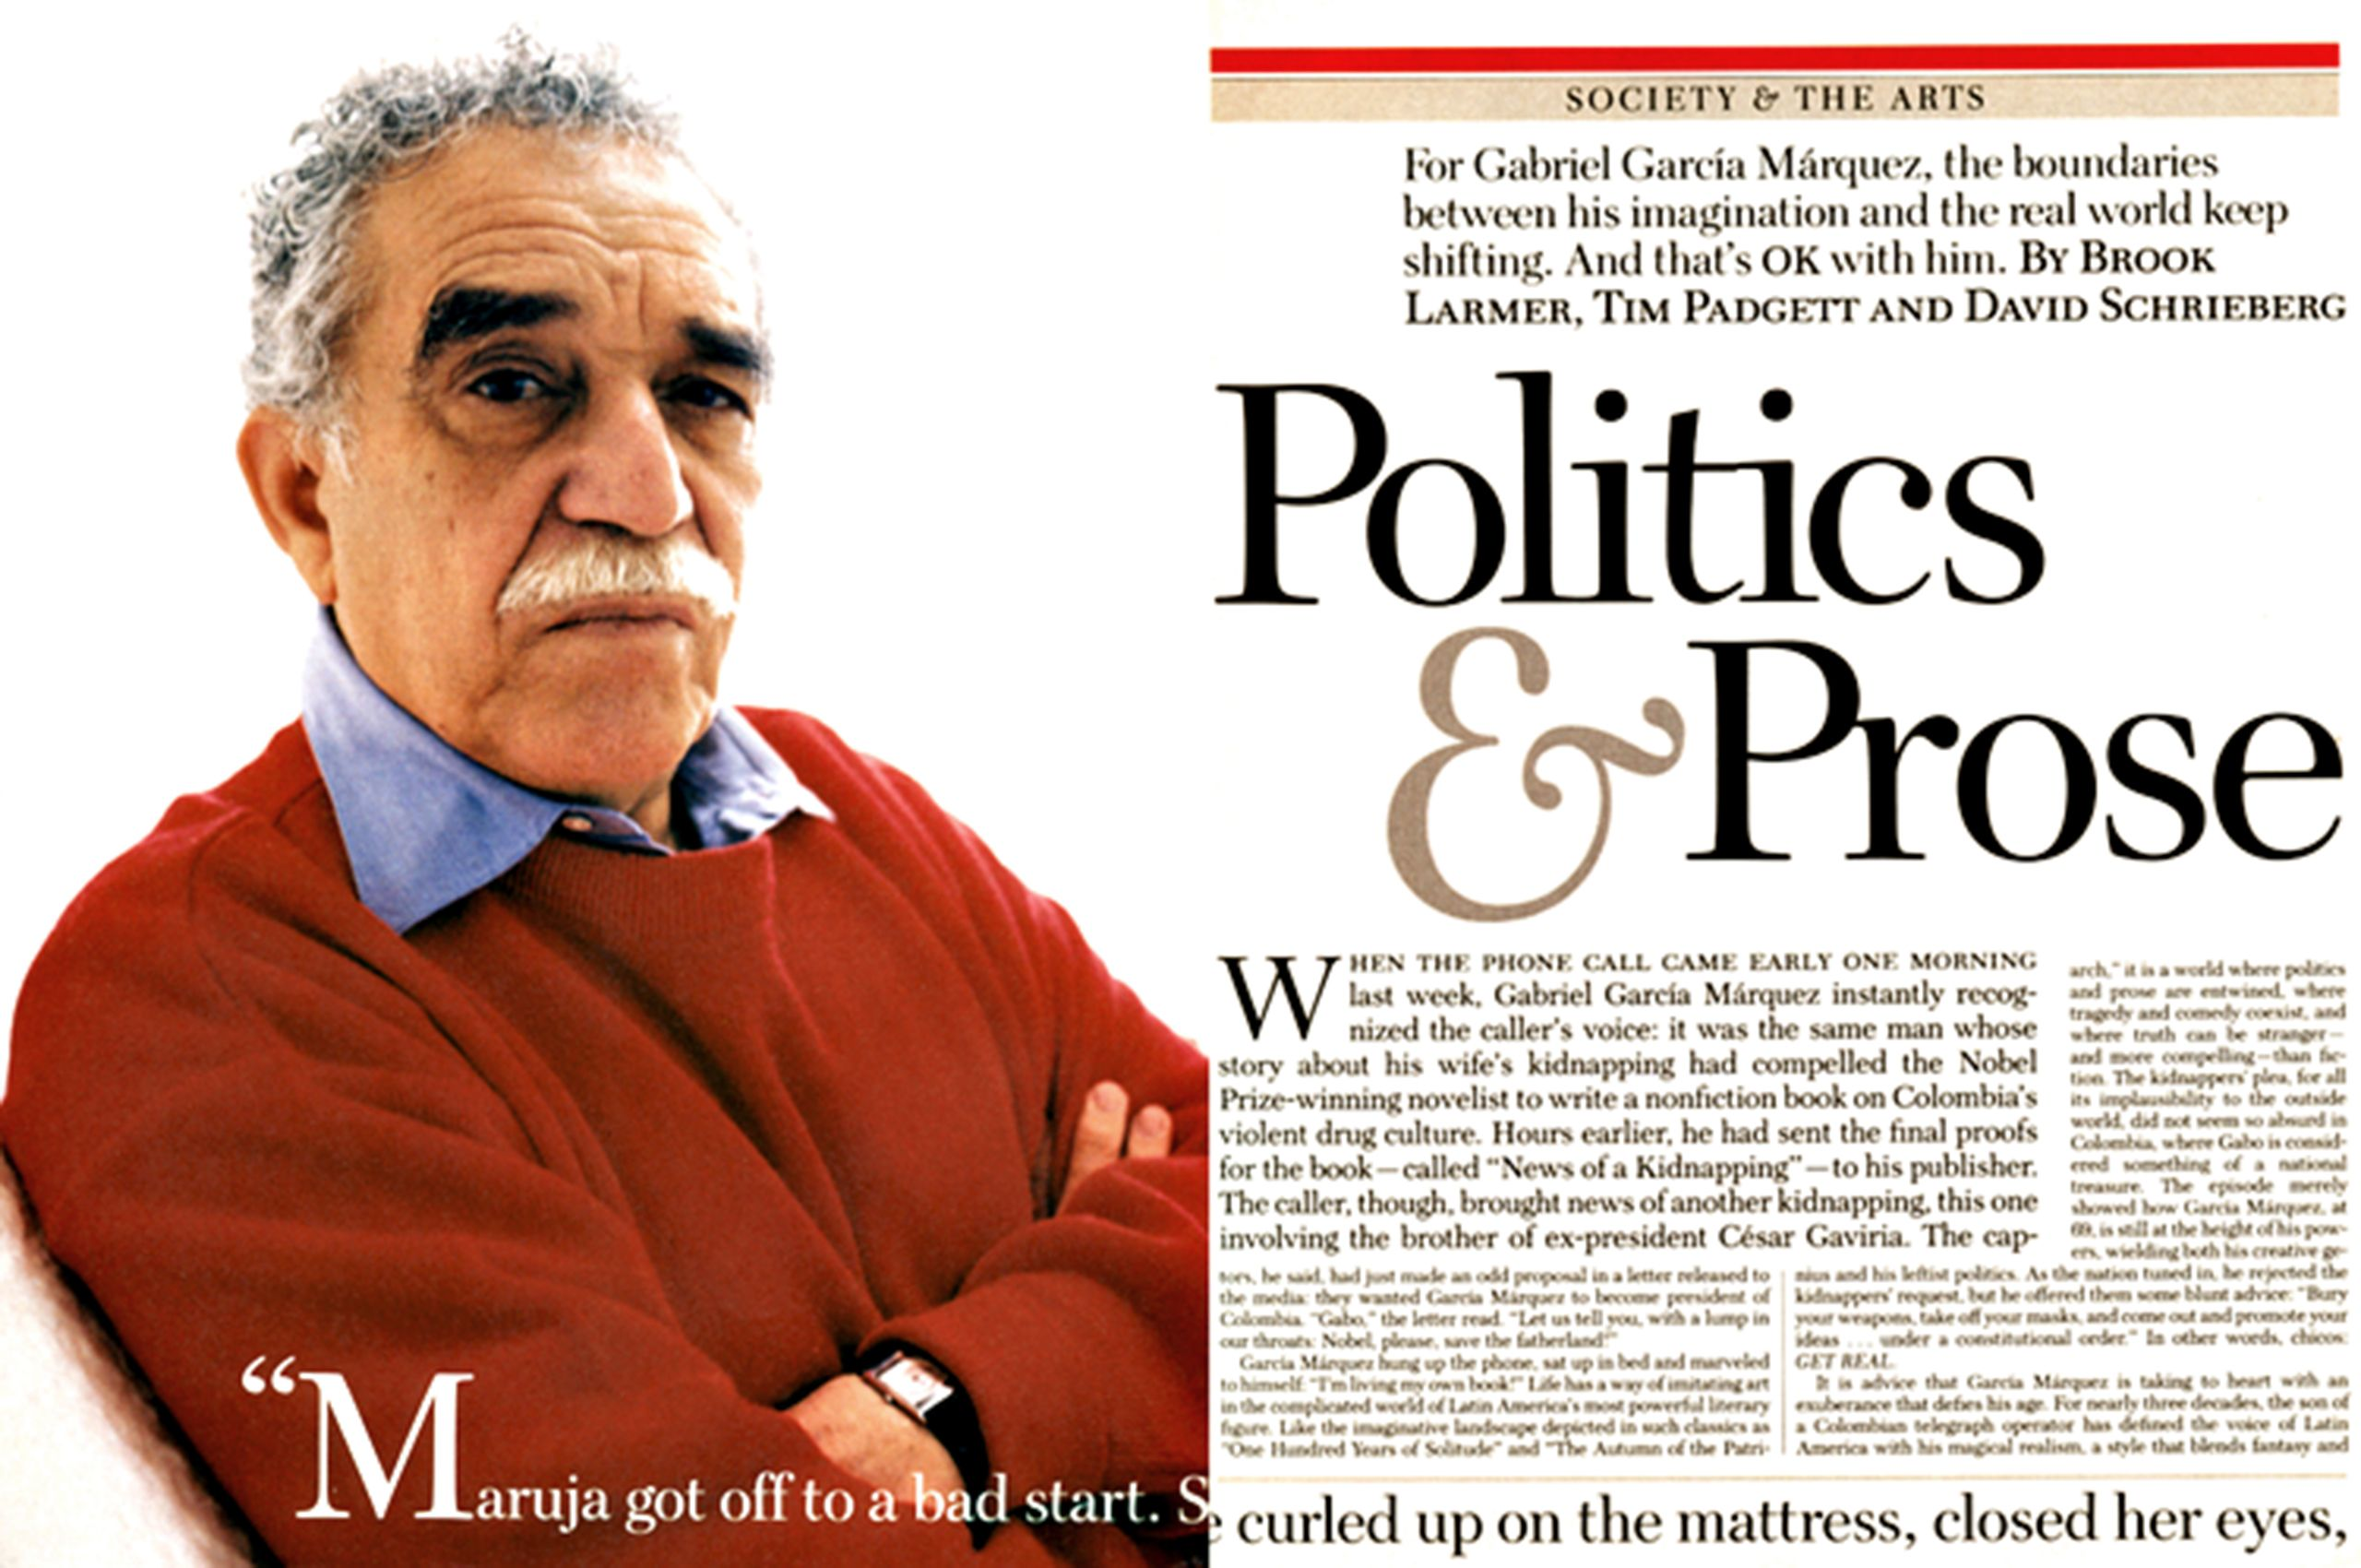 MARIODELOPEZ_Gabriel Garcia Marquez_07.jpg